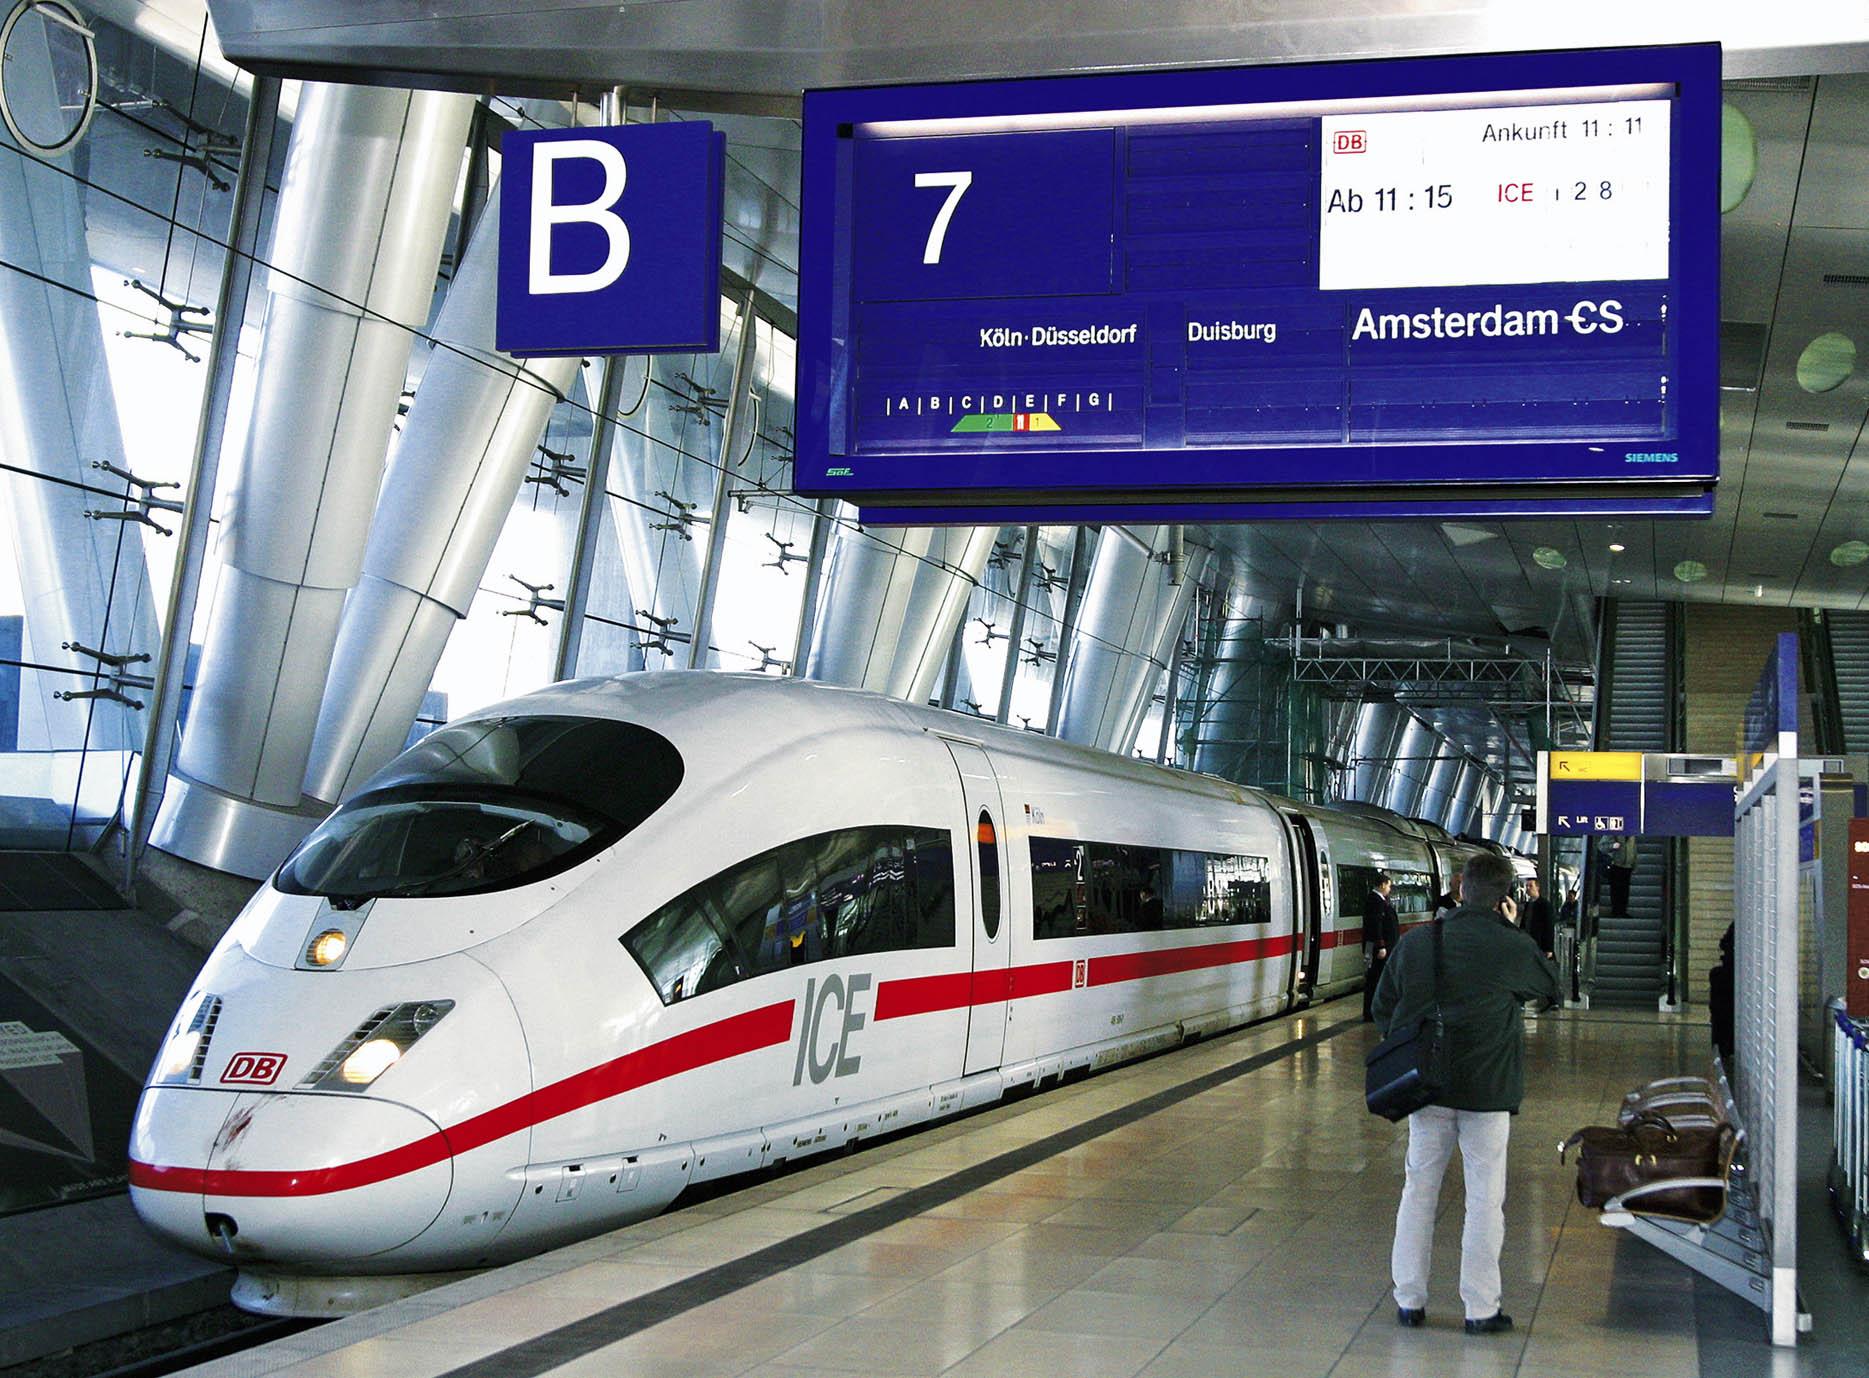 Inter City Express